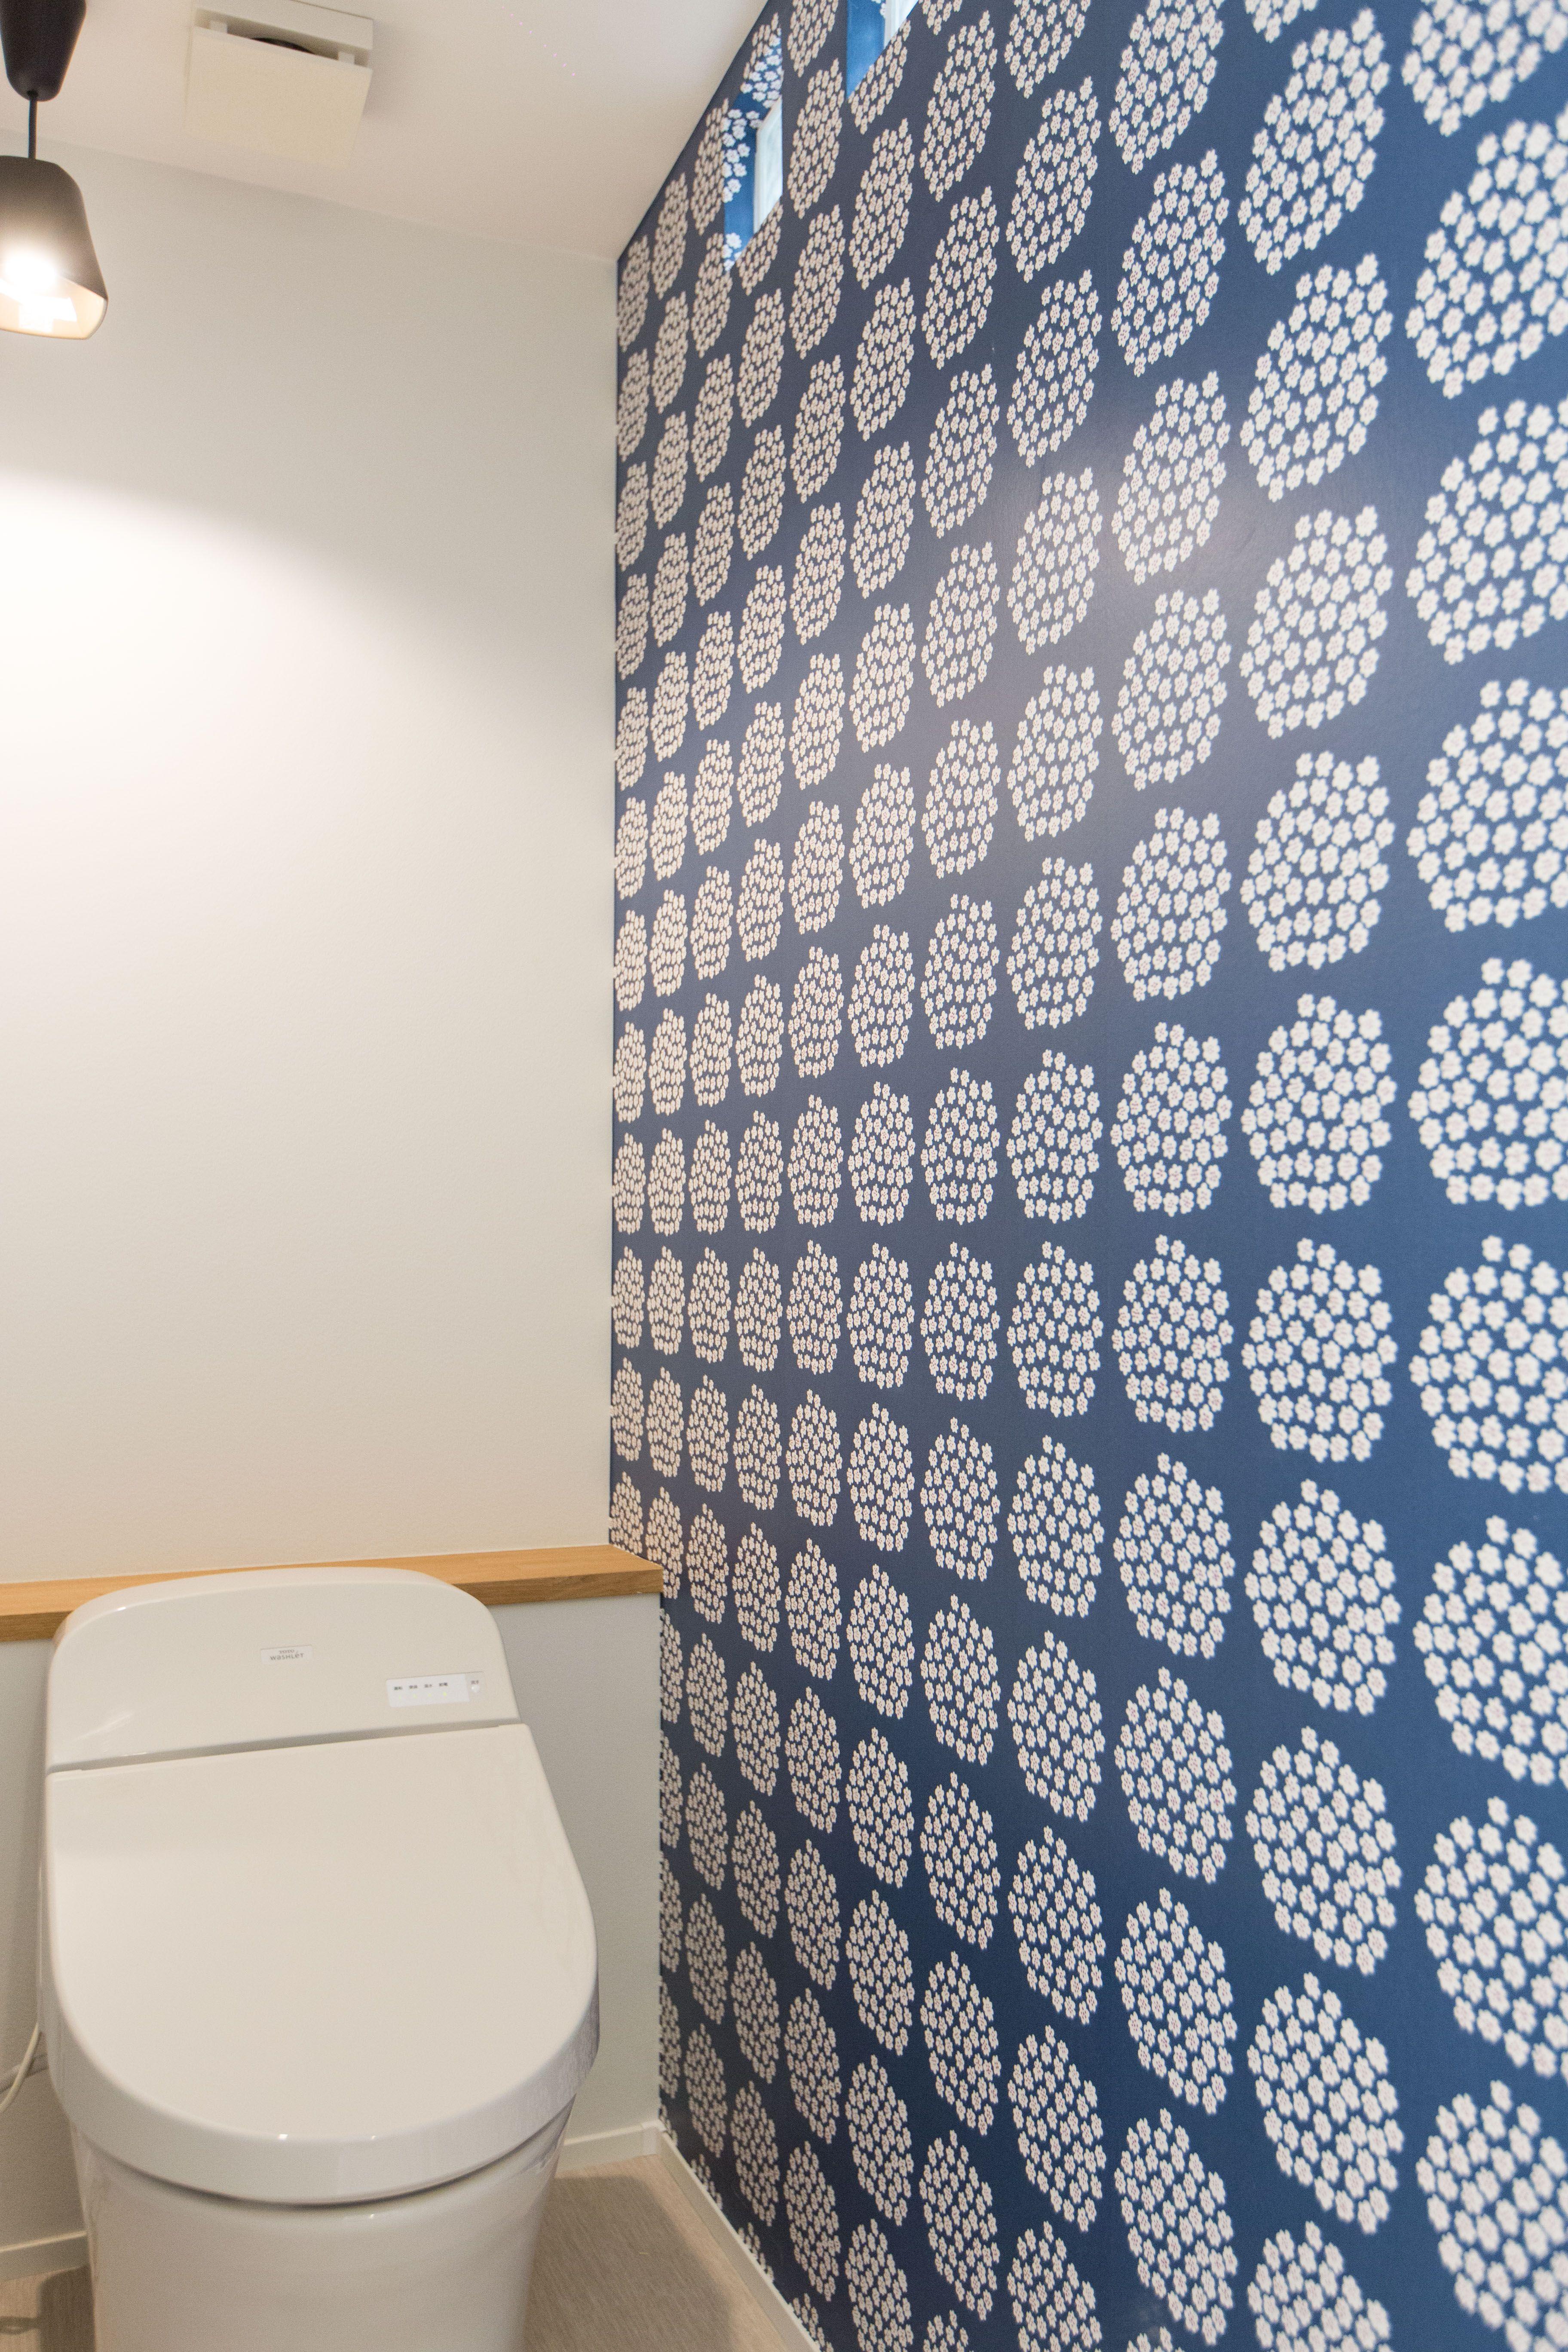 トイレの壁はマリメッコで可愛く インパクトがあるトイレに トイレ マリメッコ 壁紙 クロス リノベーション 横浜リノベーション マリメッコ 壁紙 インテリア ポイント トイレ おしゃれ